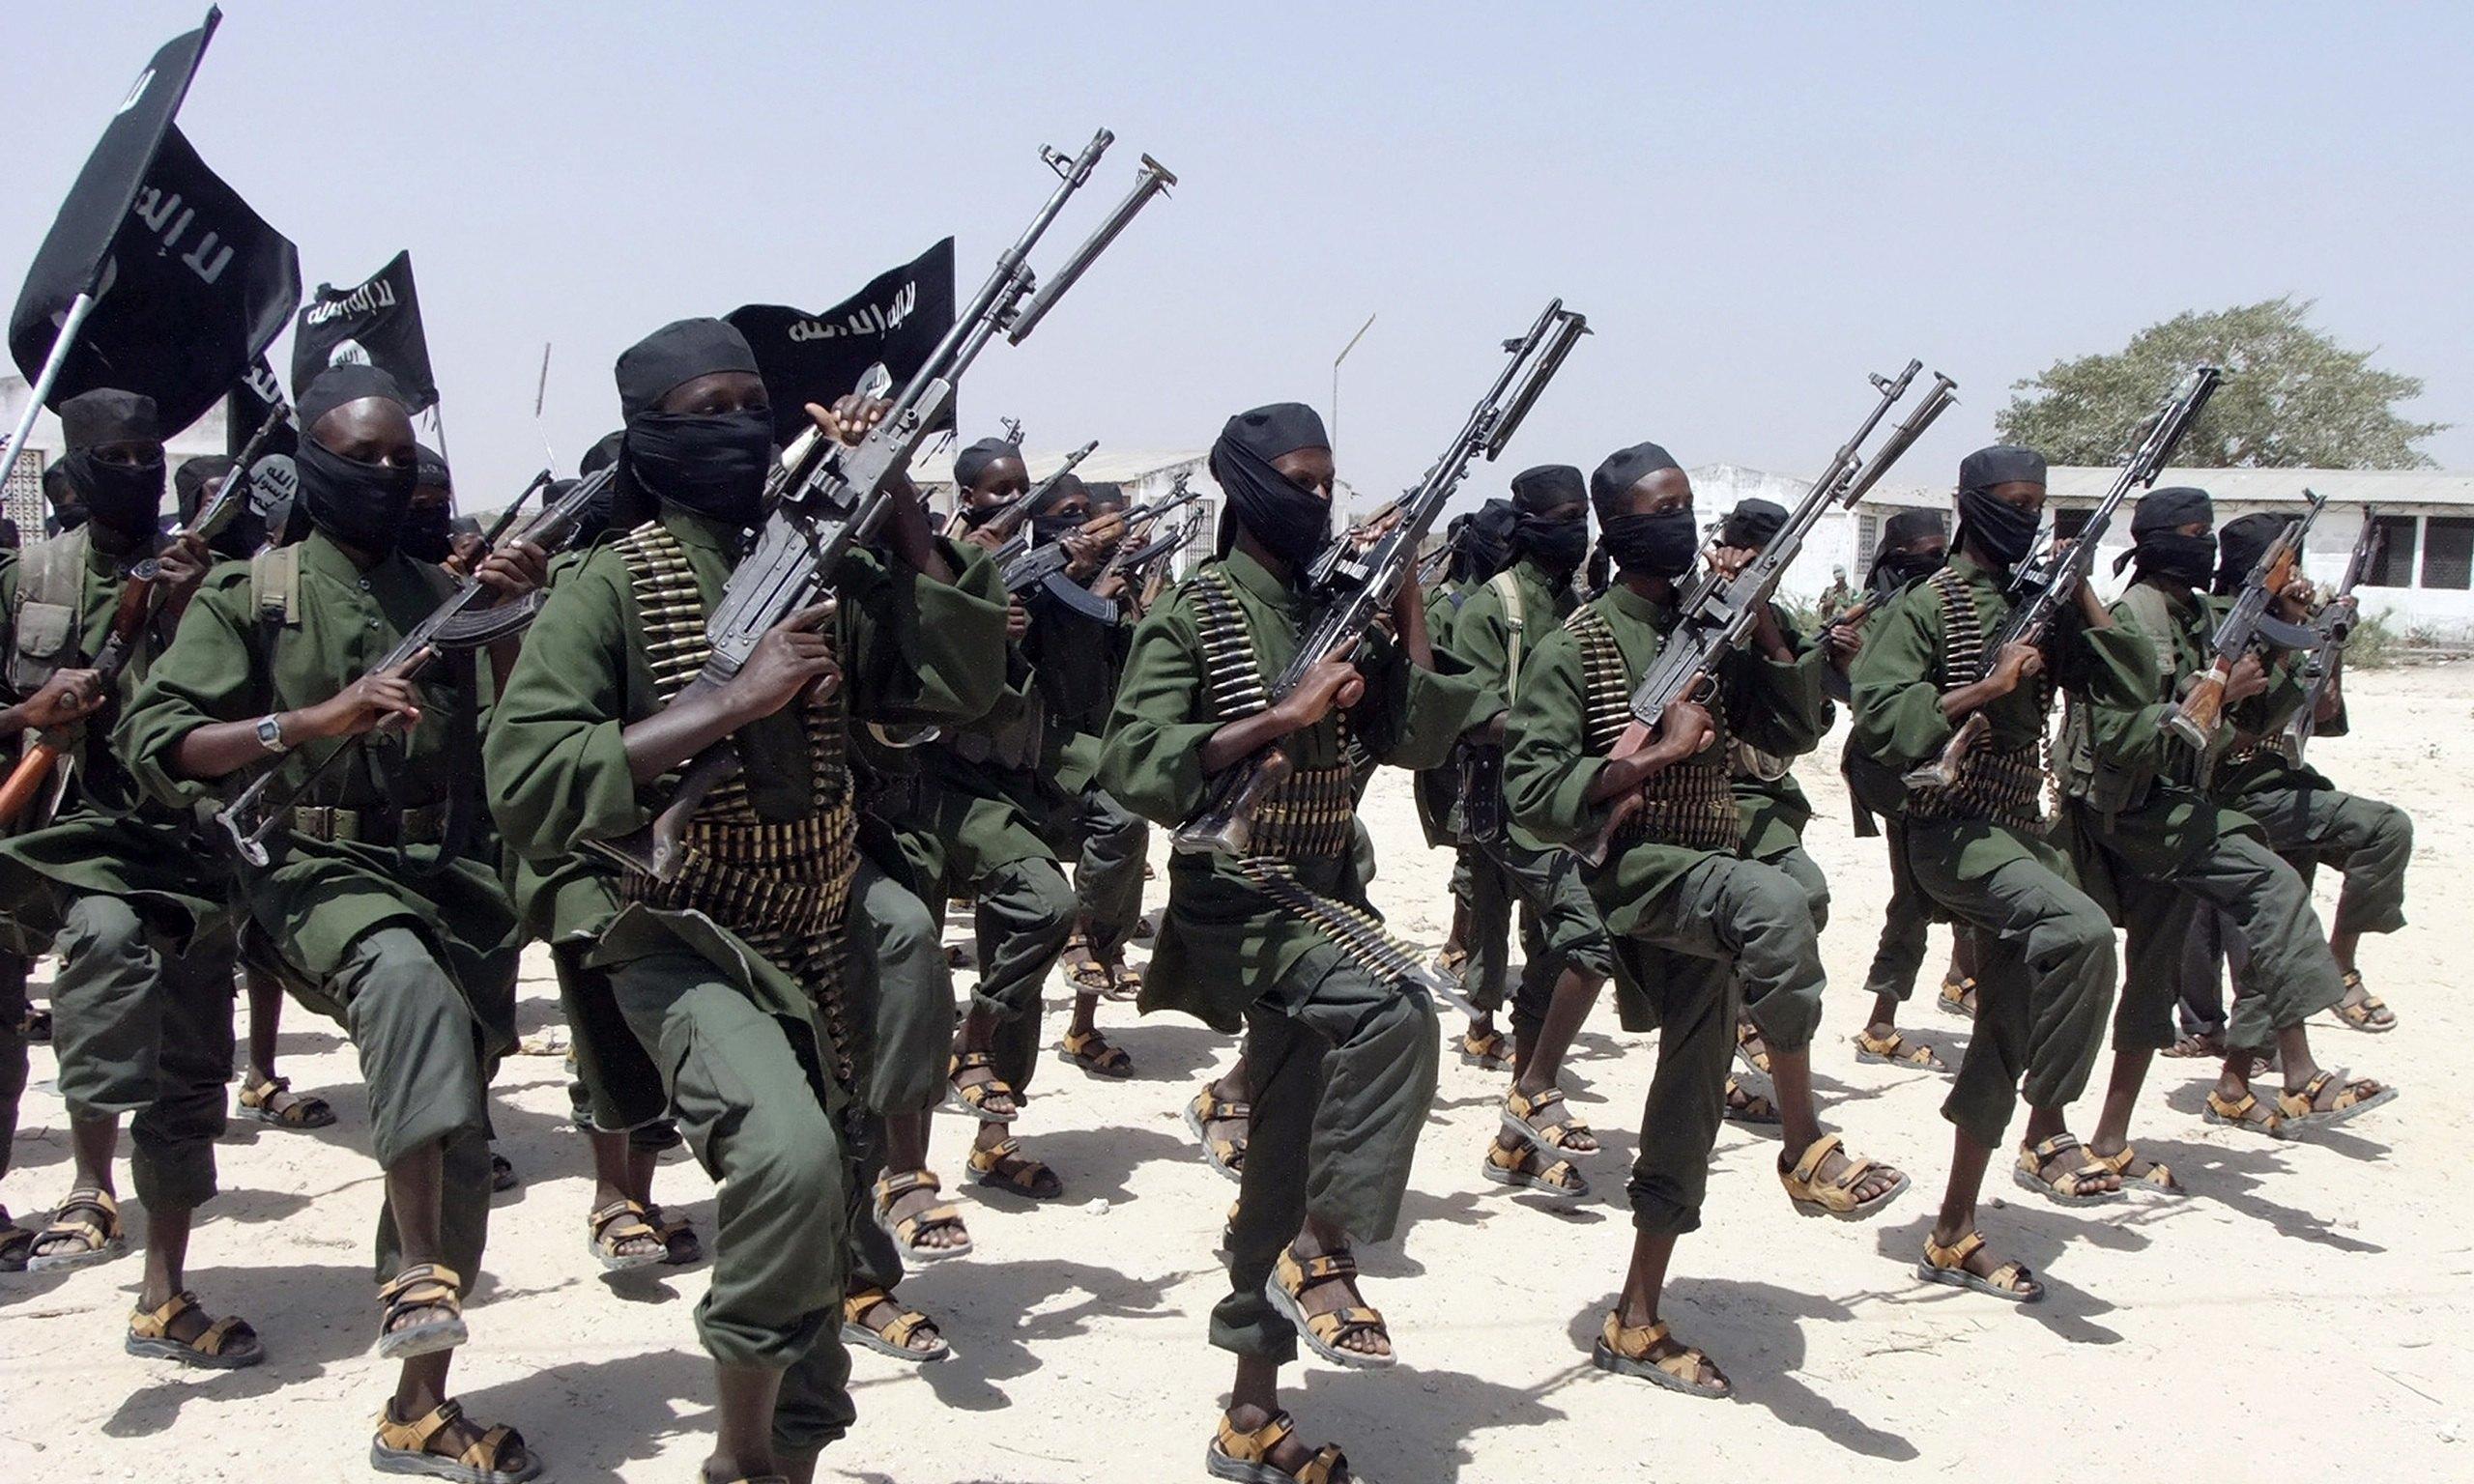 Gruparea islamista Al-Shebab a luat ostatici militari aflati la bordul unui avion care a aterizat fortat in Somalia